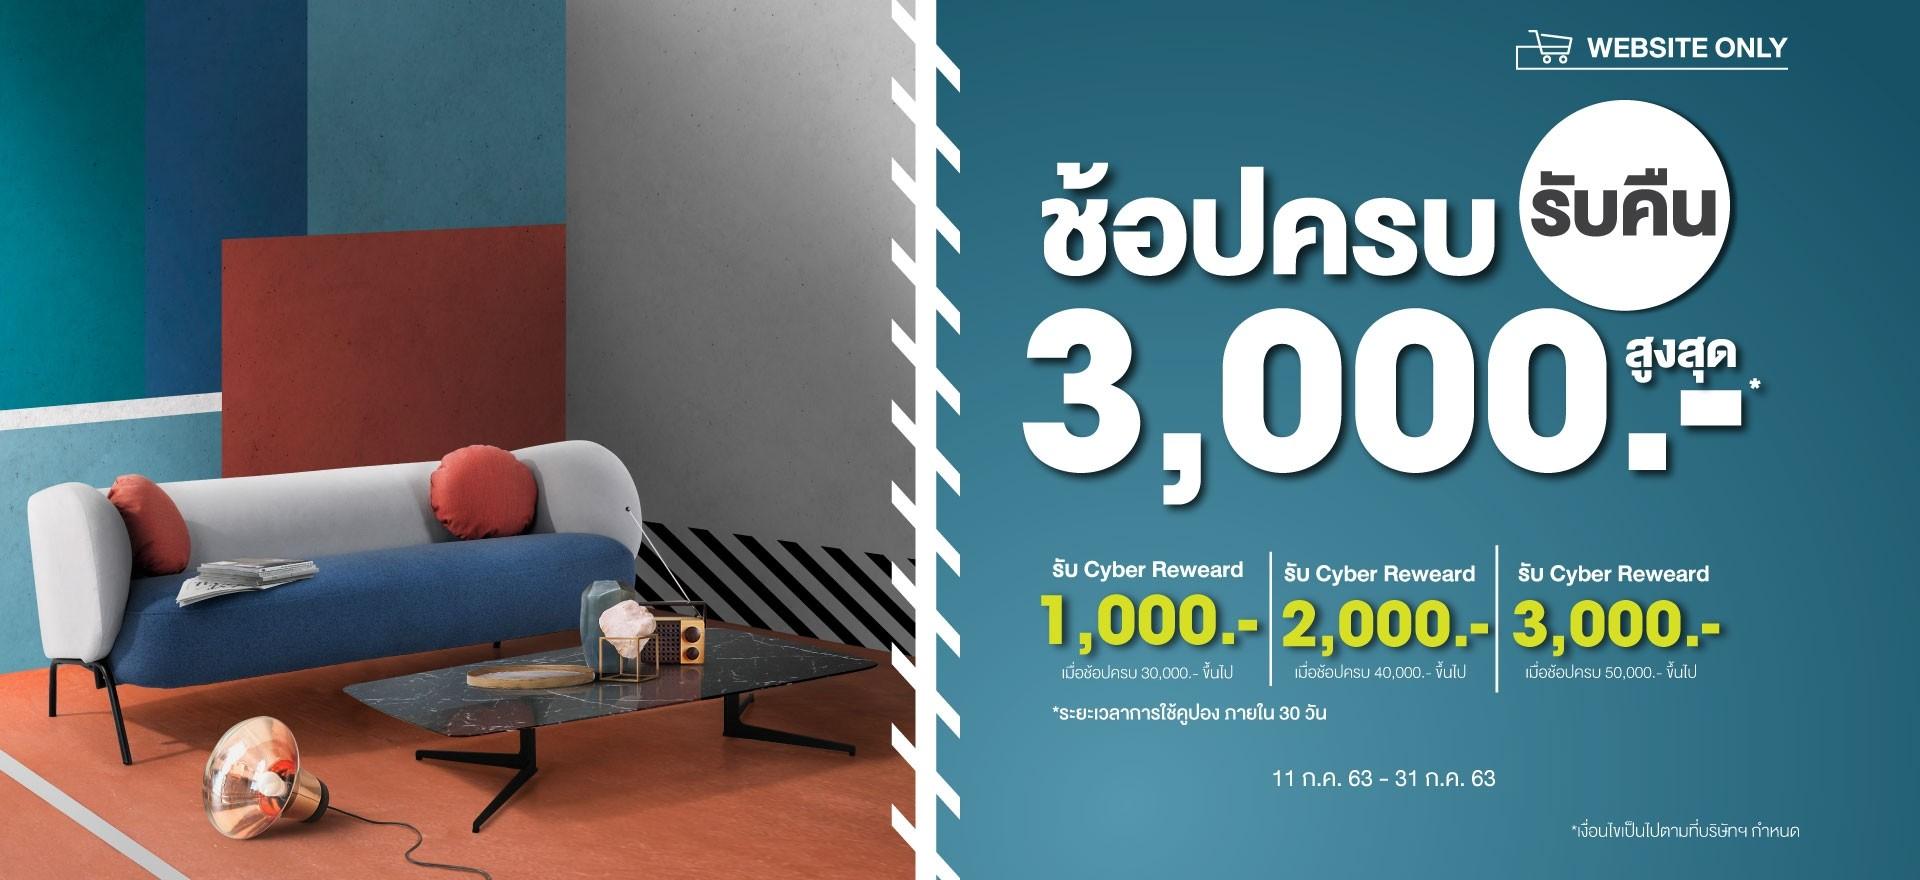 WEBSITE ONLY ช้อปครบ รับคืนสูงสุด 3,000.-